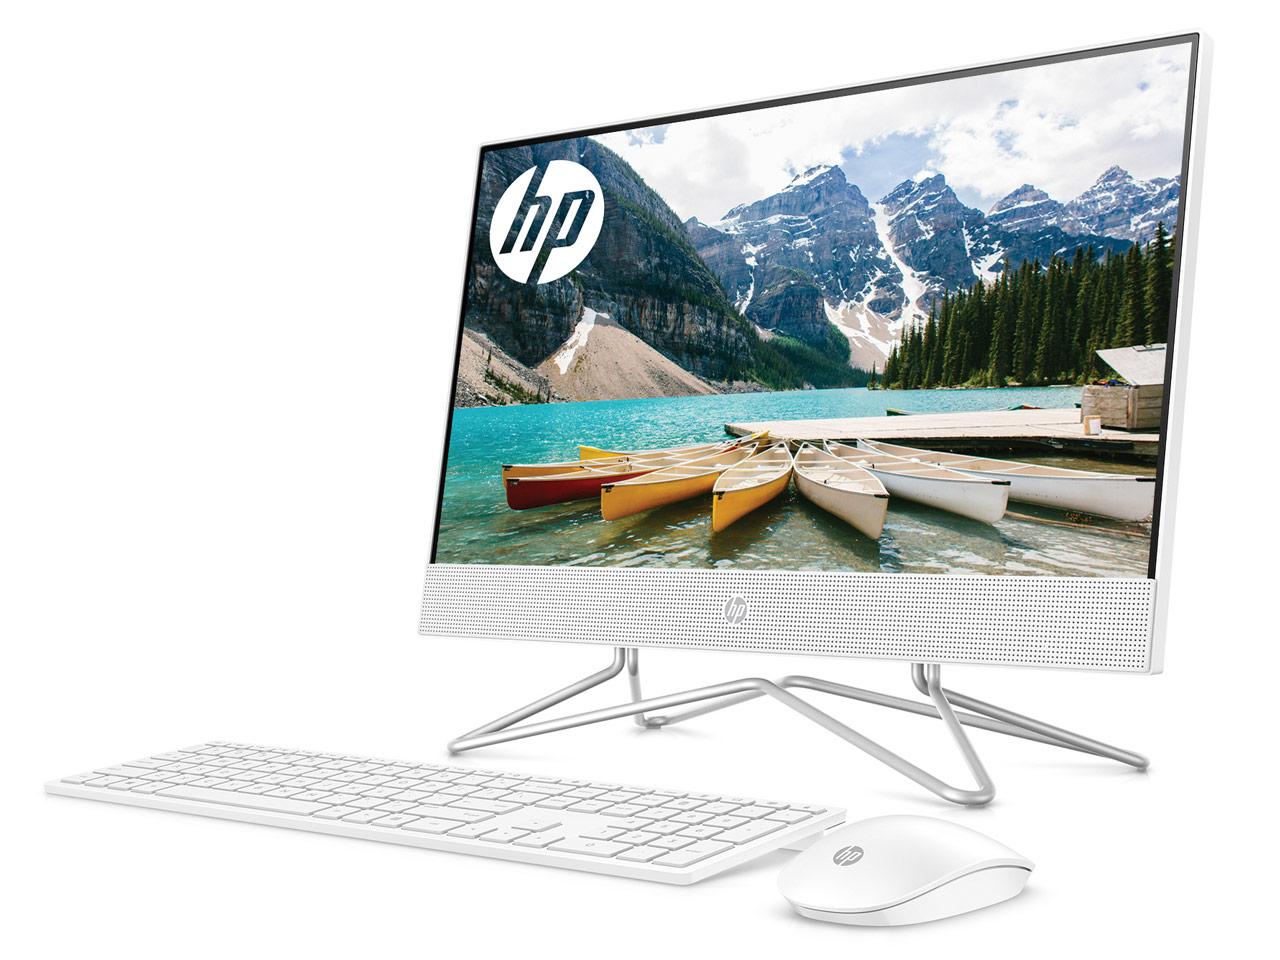 HP All-in-One 22 価格.com限定 Pentium J5040/128GB SSD+1TB HDD/8GBメモリ/DVDドライブ/21.5インチIPSフルHD非光沢/タッチ搭載モデル